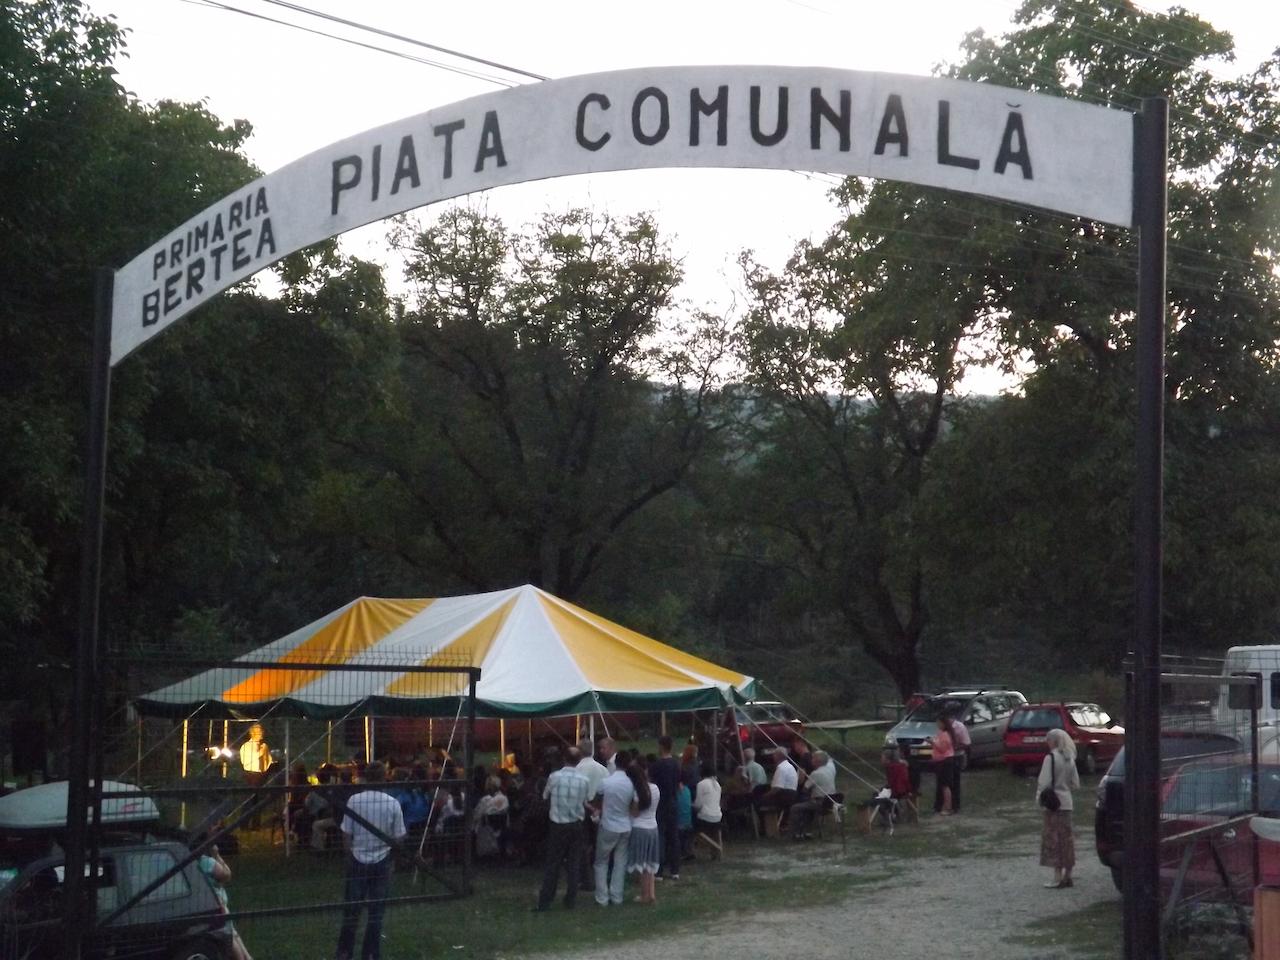 Bertea, County of Prahova